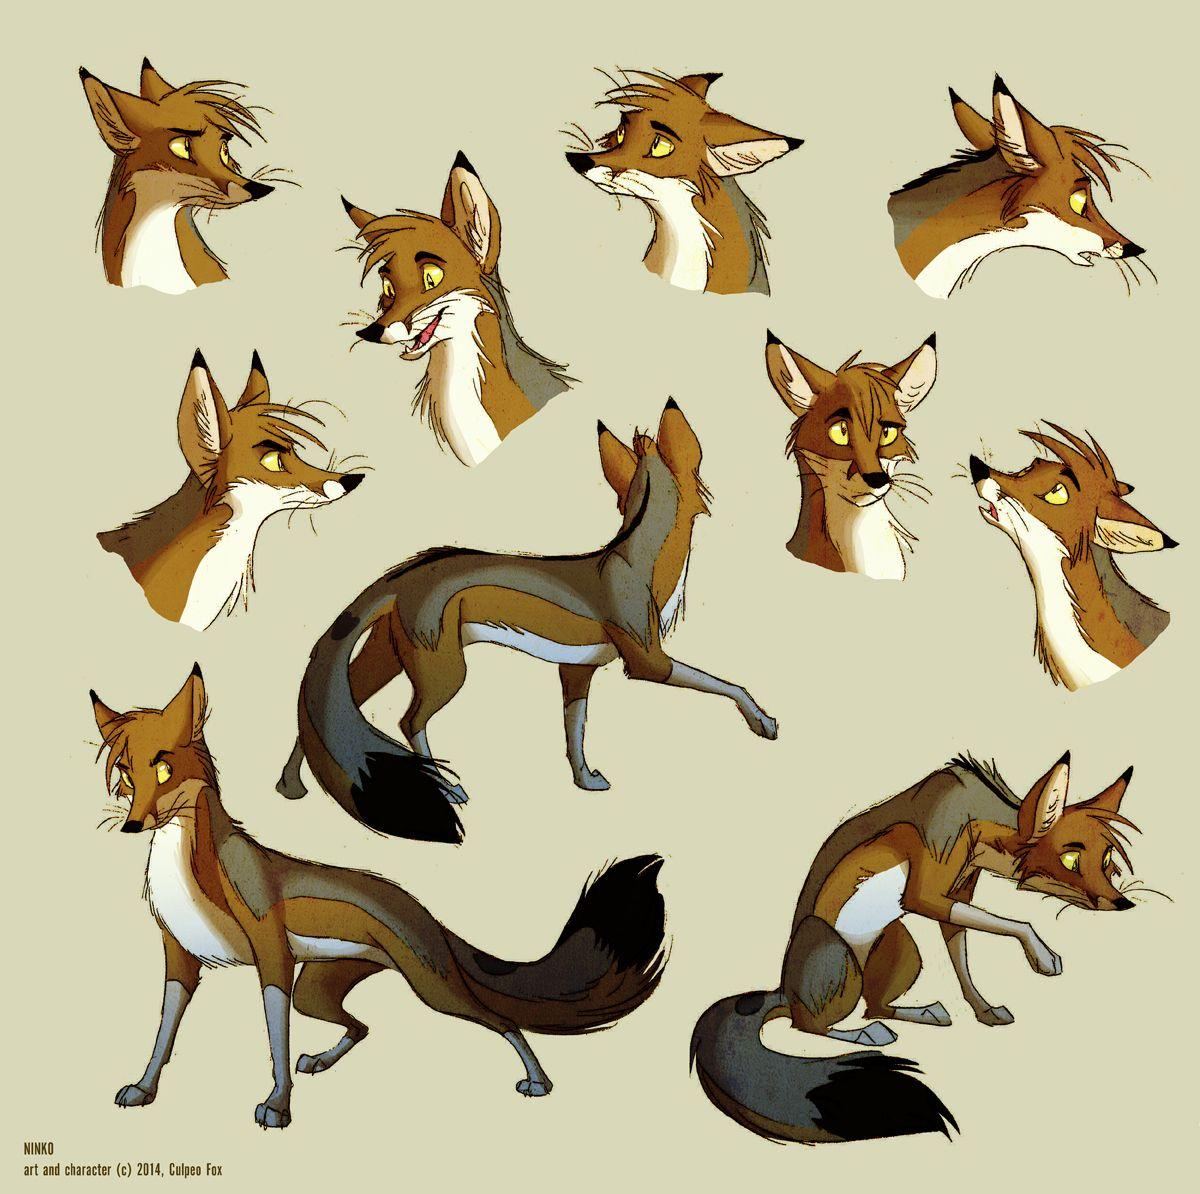 Mission ninkognito by culpeo fox deviantart com on deviantart